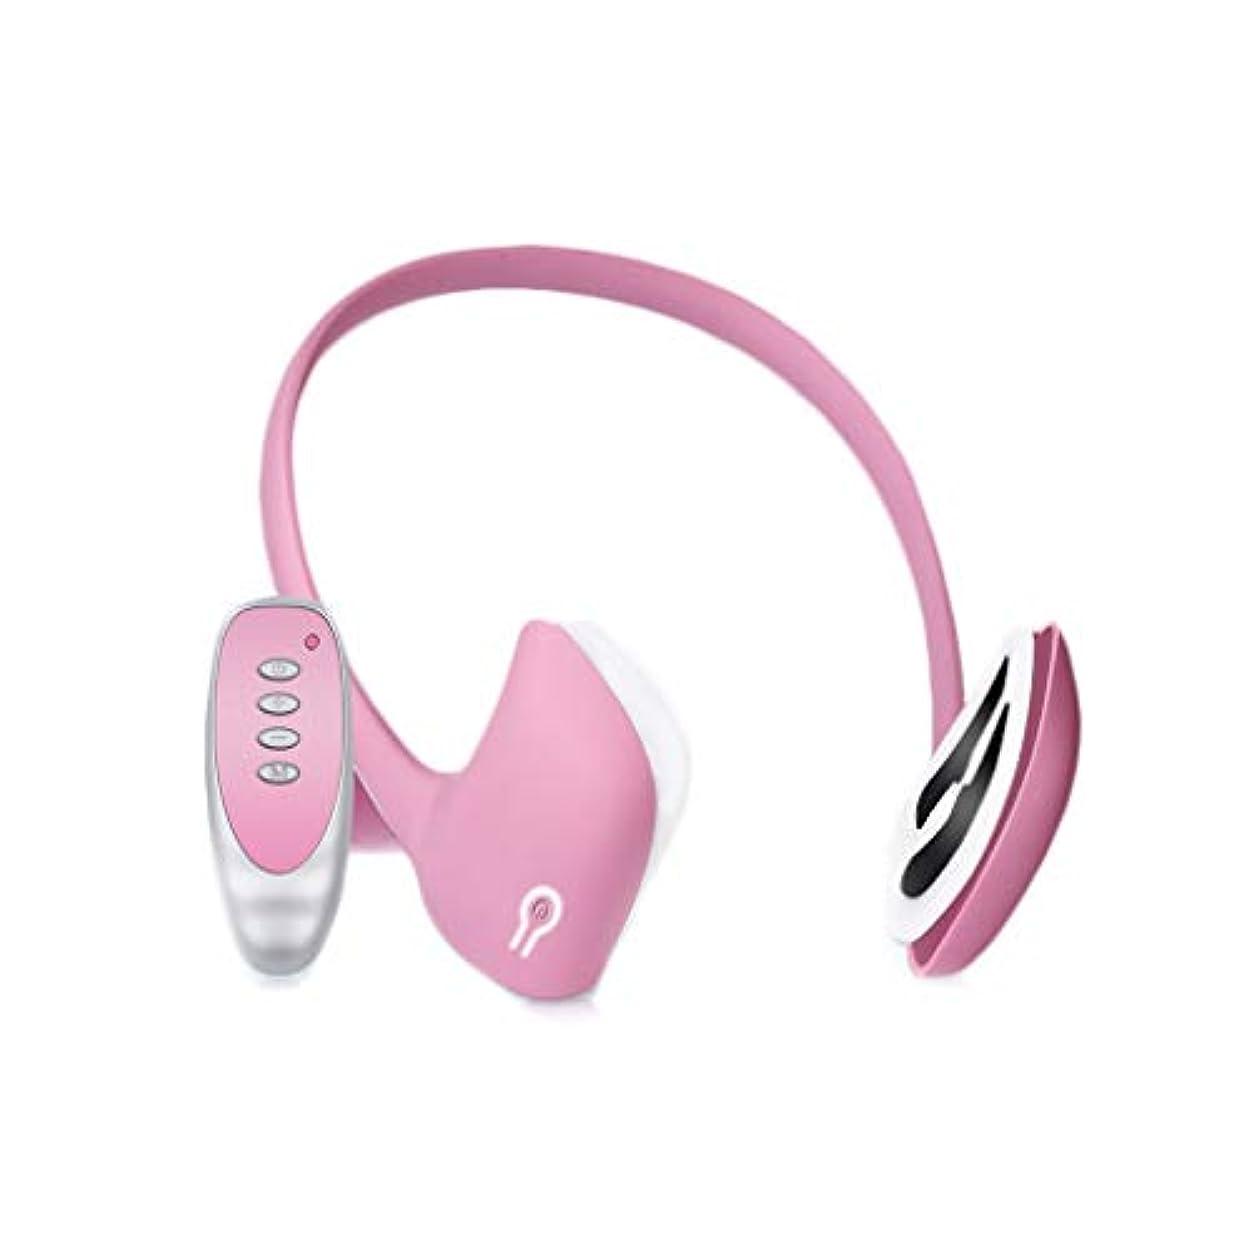 追い払う切り下げグリットXHLMRMJ フェイスリフティング器具、電動ツールマッサージャー、頬骨の薄い顔の引き締めの改善、フェイスブレース、多機能リフティング、男性と女性の両方に適しています (Color : Pink)